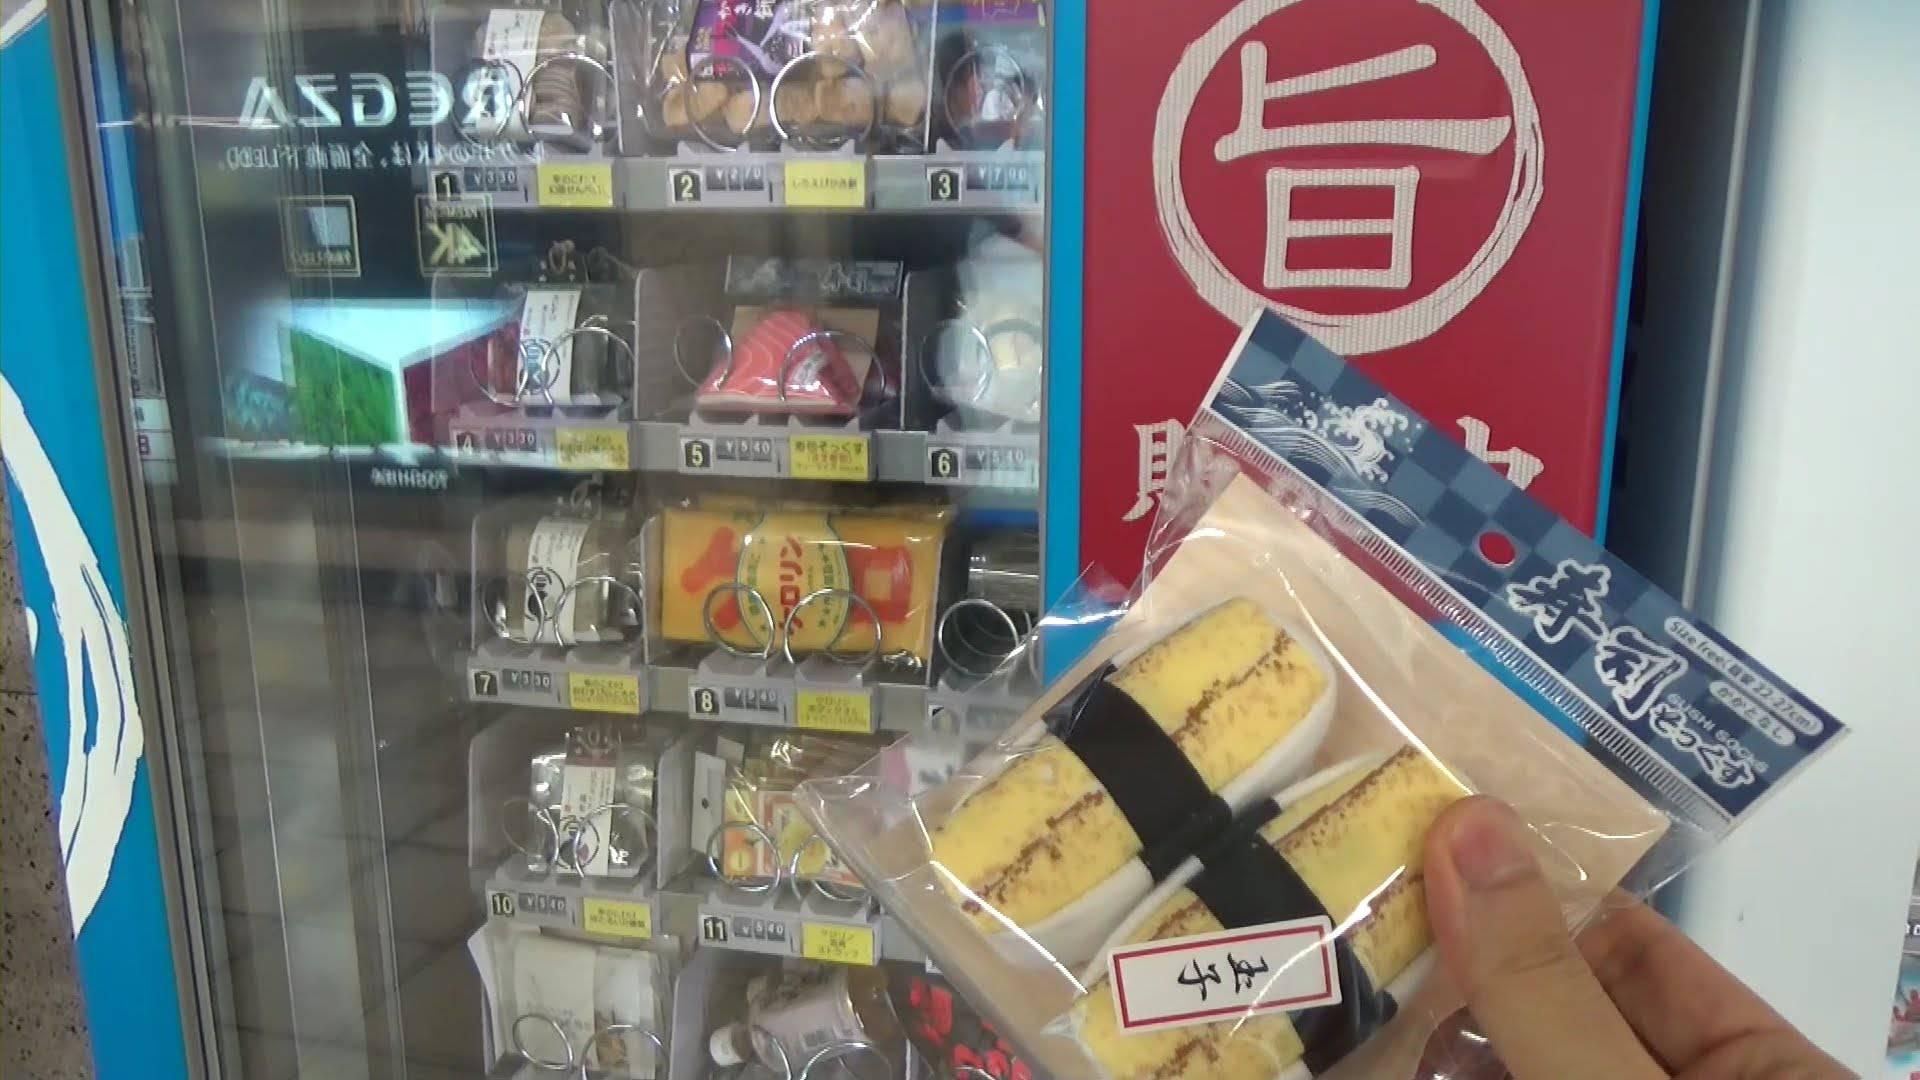 VendingMachine5